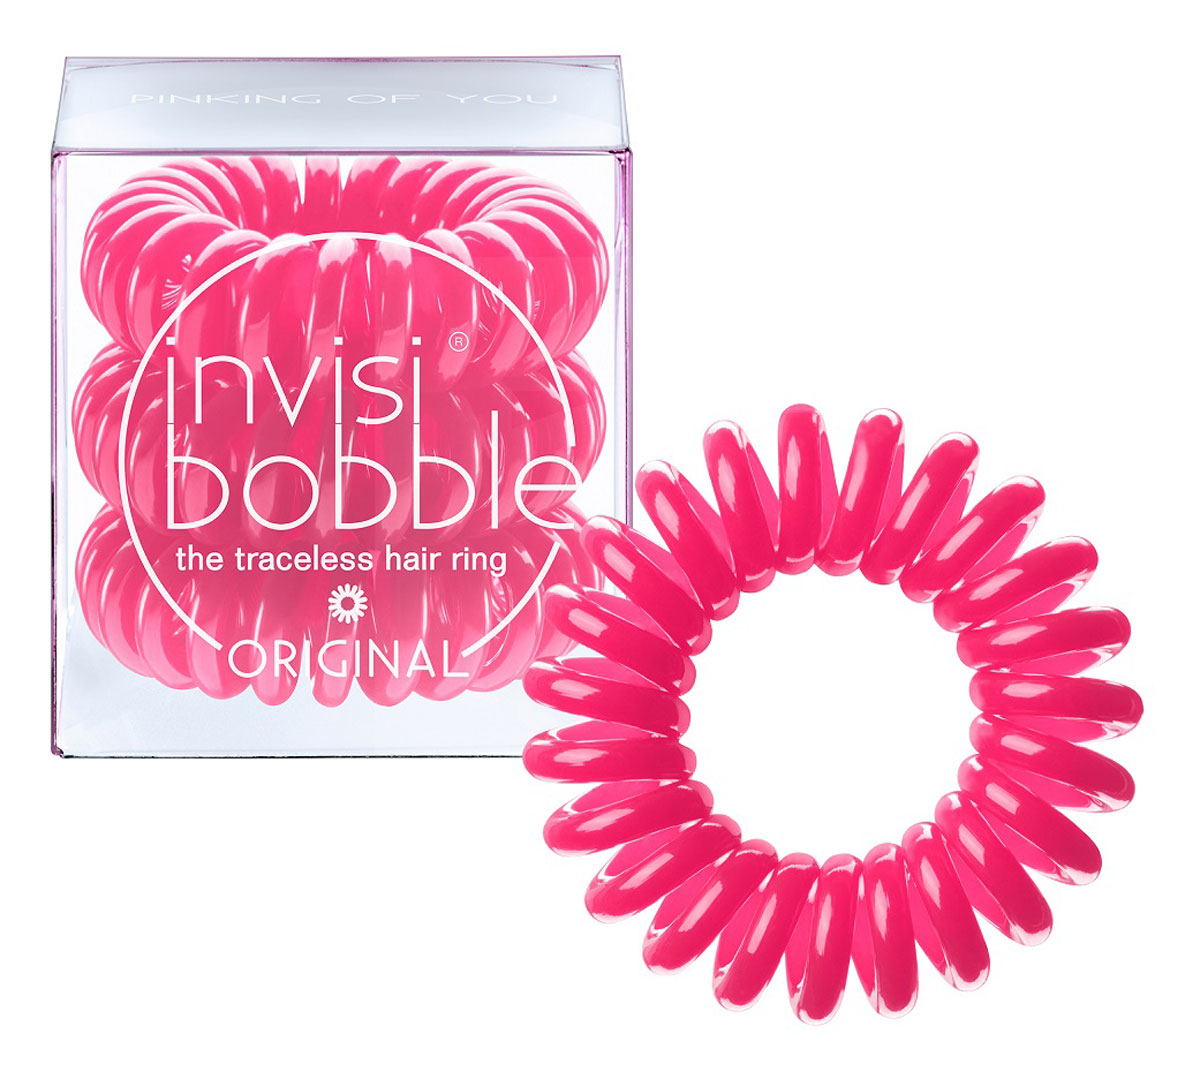 Invisibobble Резинка-браслет для волос Original Pinking of You, 3 шт3045Резиночка invisibobble pinking of you в розовом цвете из коллекции ORIGINAL приносит счастье и радость, а заодно привлекает к себе всеобщее внимание. В коллекцию ORIGINAL вошли наиболее популярные цвета резинок-браслетов, а также новые цвета для создания безупречного образа на каждый день. Резинки-браслеты invisibobble подходят для всех типов волос, надежно фиксируют прическу, не оставляют заломов и не вызывают головную боль благодаря неравномерному распределению давления на волосы. Кроме того, они не намокают и не вызывают аллергию при контакте с кожей, поскольку изготовлены из искусственной смолы.C резинками Invisibobble можно легко создавать разнообразные прически. Резинки прочно держат волосы любой длины, при этом, не стягивая их слишком туго. Телефонный провод позволяет с легкостью и без вреда для волос протягивать пряди под спираль и ослаблять уже закрепленные для придания объема прическе. Invisibobble Original идеально подходят для ежедневного применения.Не комедогенна.